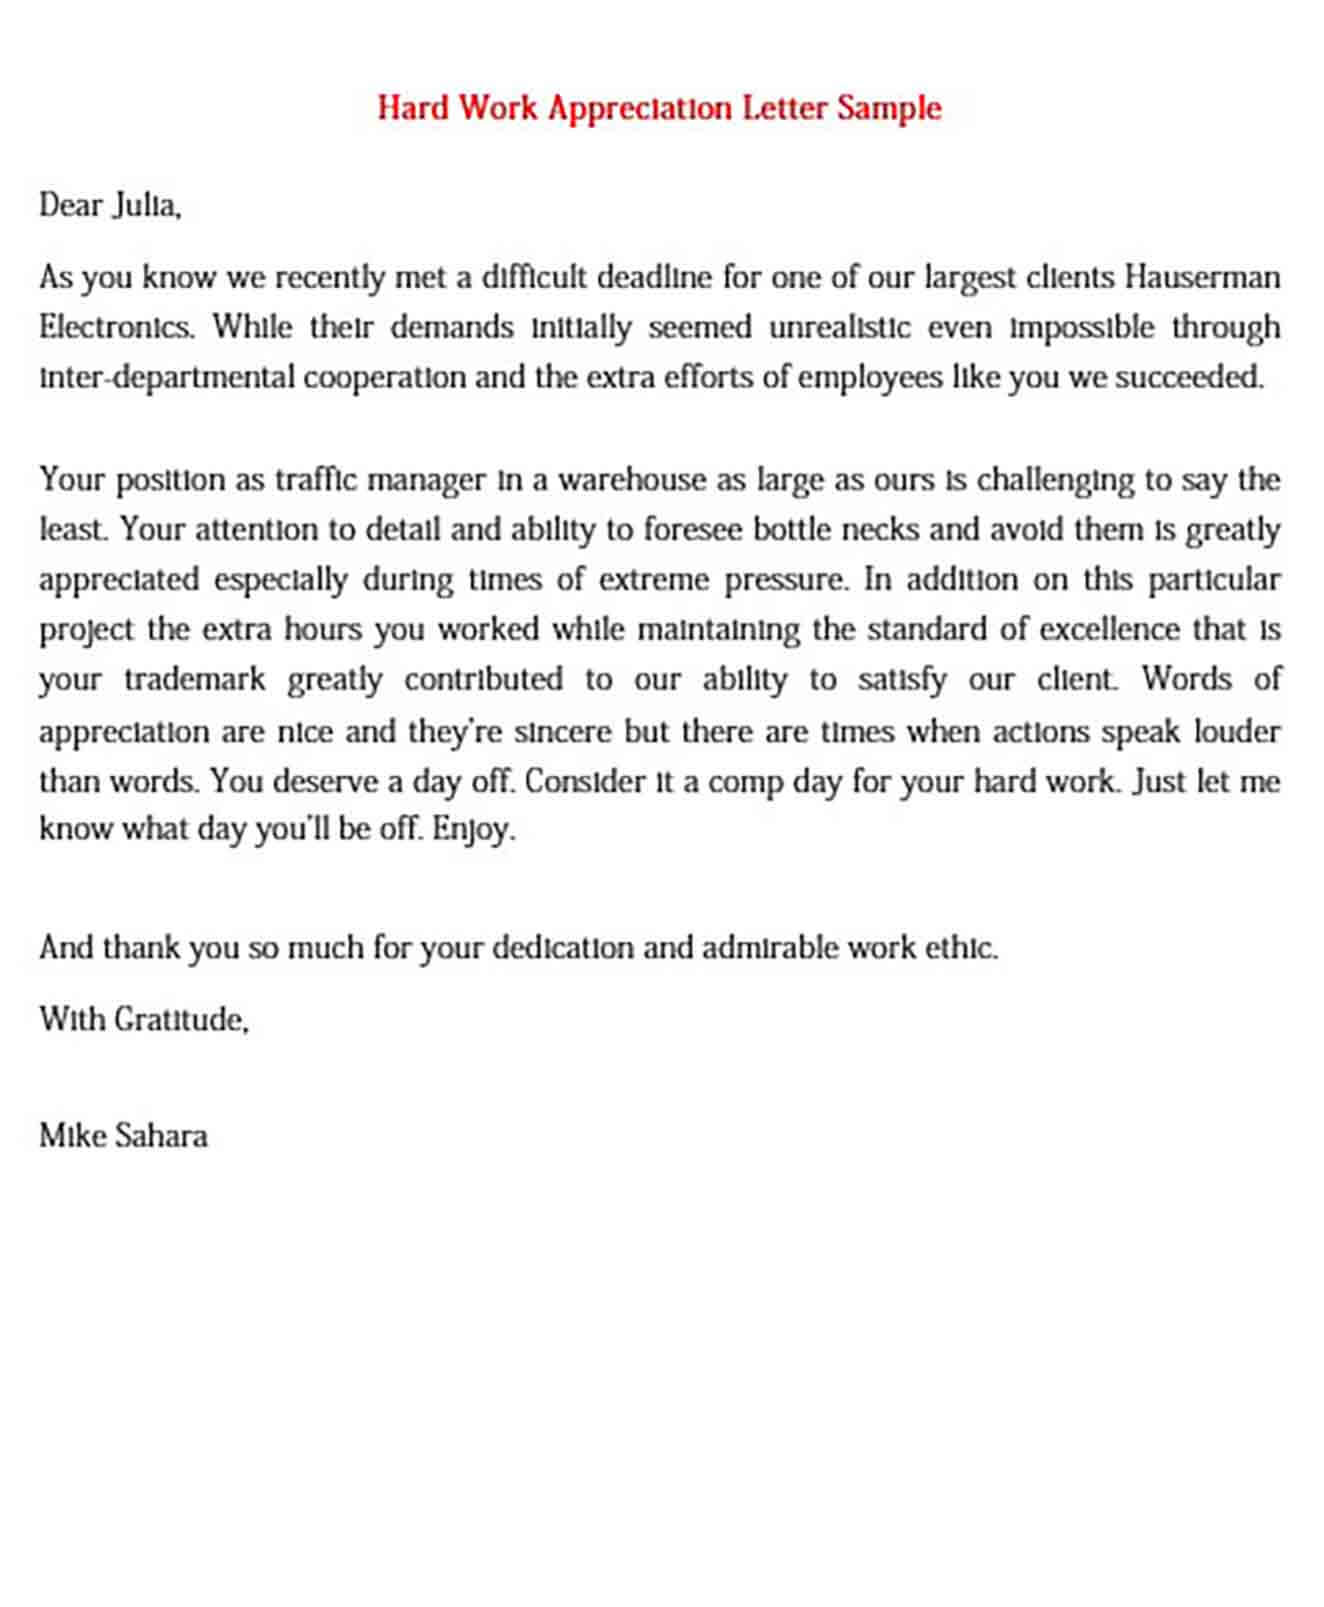 Hard Work Appreciation Letter Sample